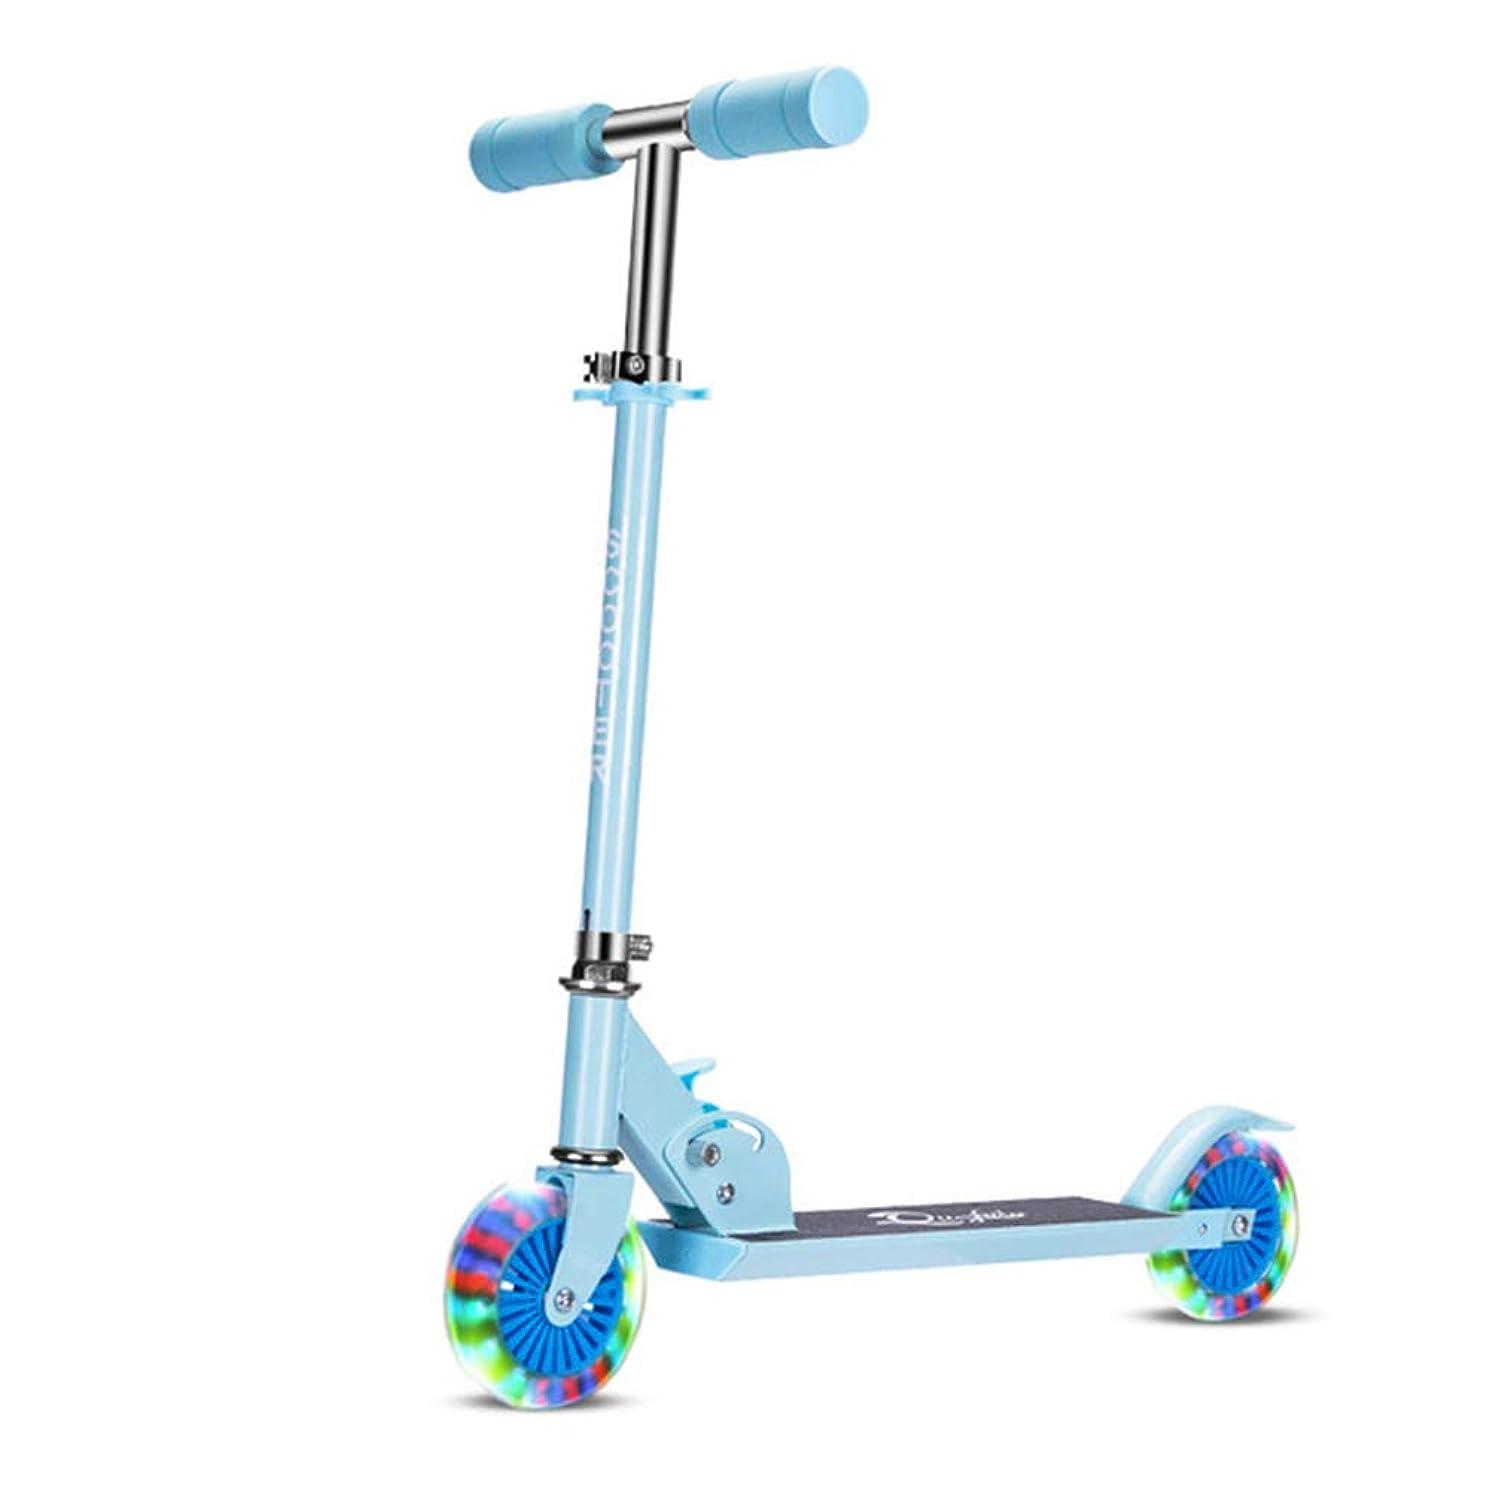 勧めるますますアテンダントキックボード スケートボード 二輪 子供用 折り畳み式 光るタイヤ 4段階調節可 キックスクーター スポーツ おもちゃ 誕生日プレゼント などに